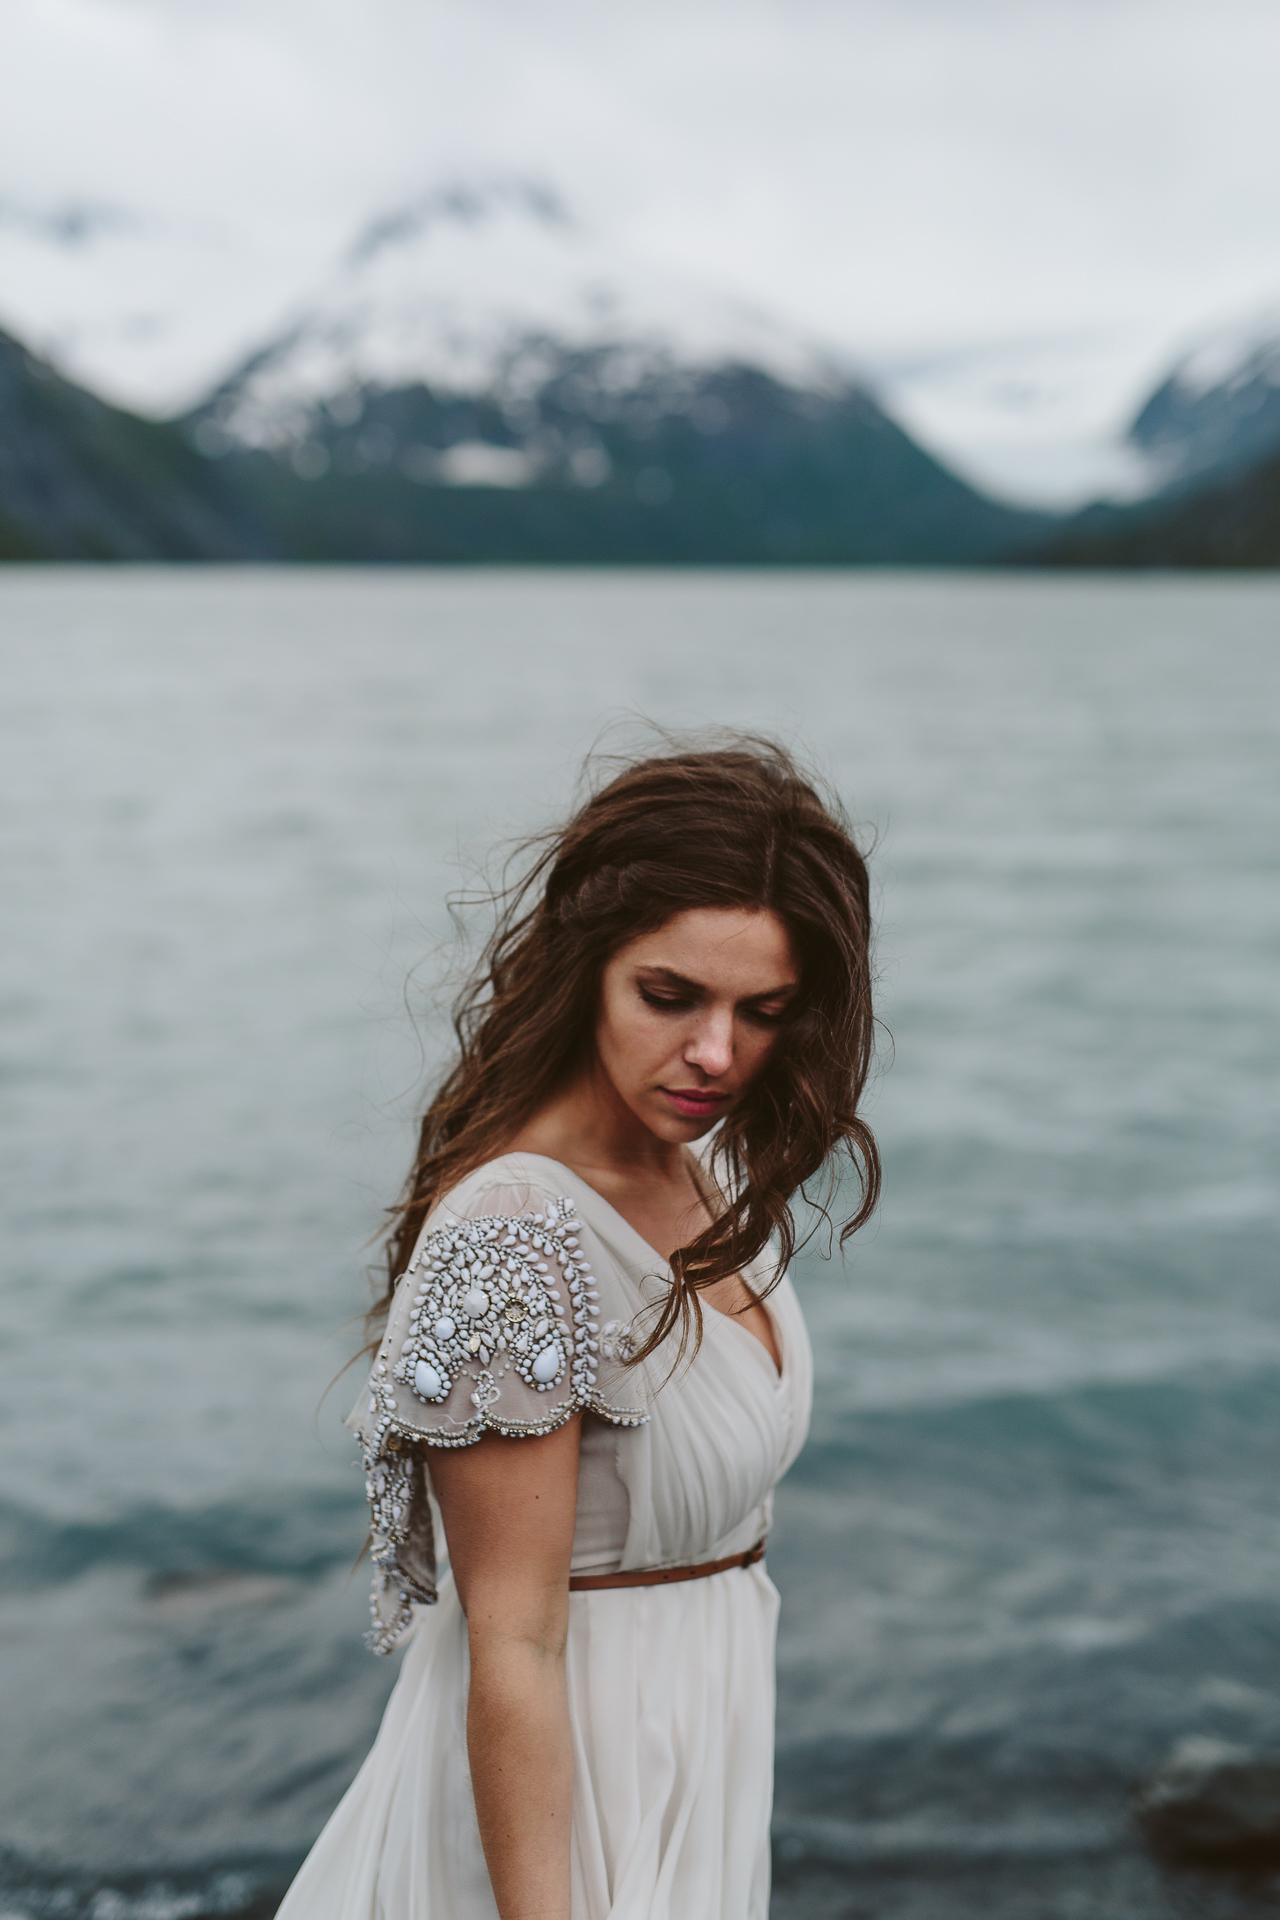 jess-hunter-photographer-alaska-destination-elopement-6025.jpg